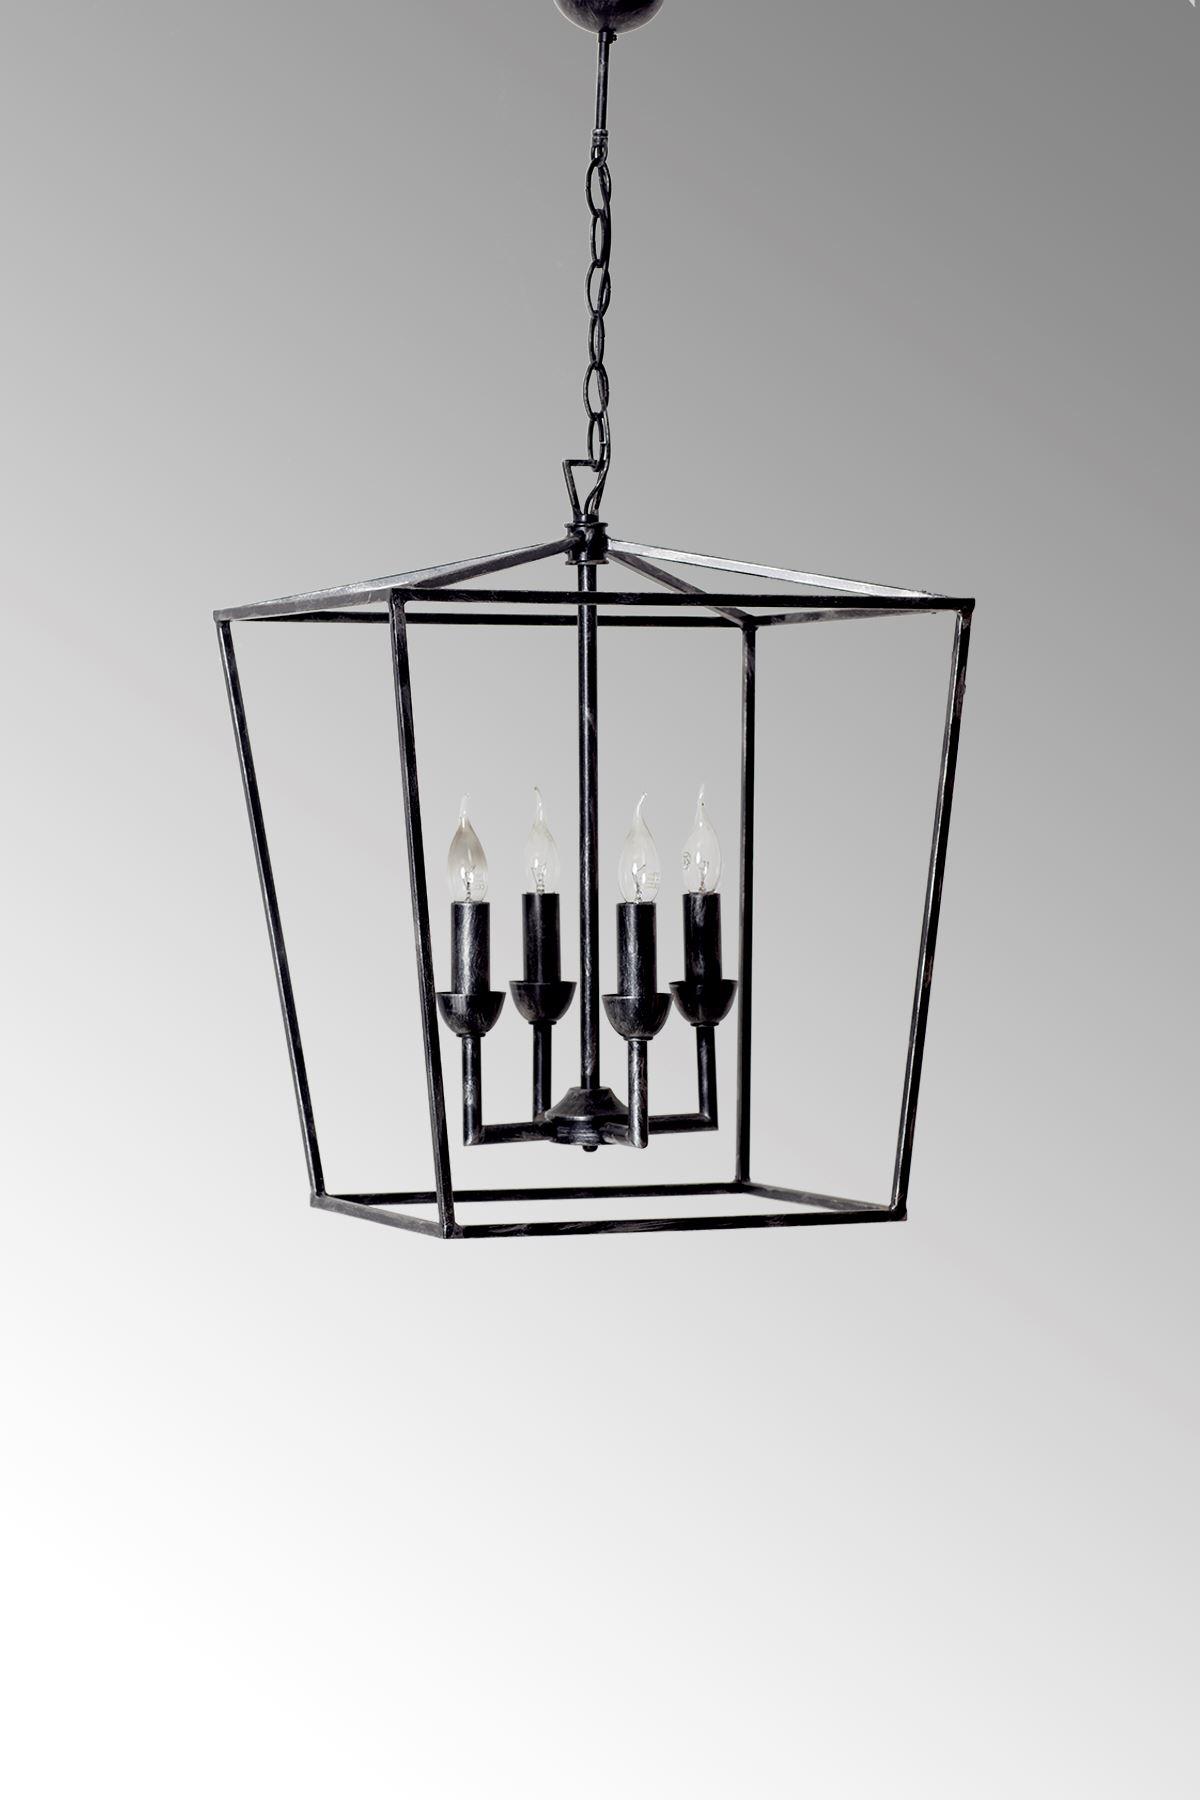 Cage Siyah Metal Gövde Rustik Tasarım Lüx   Avize